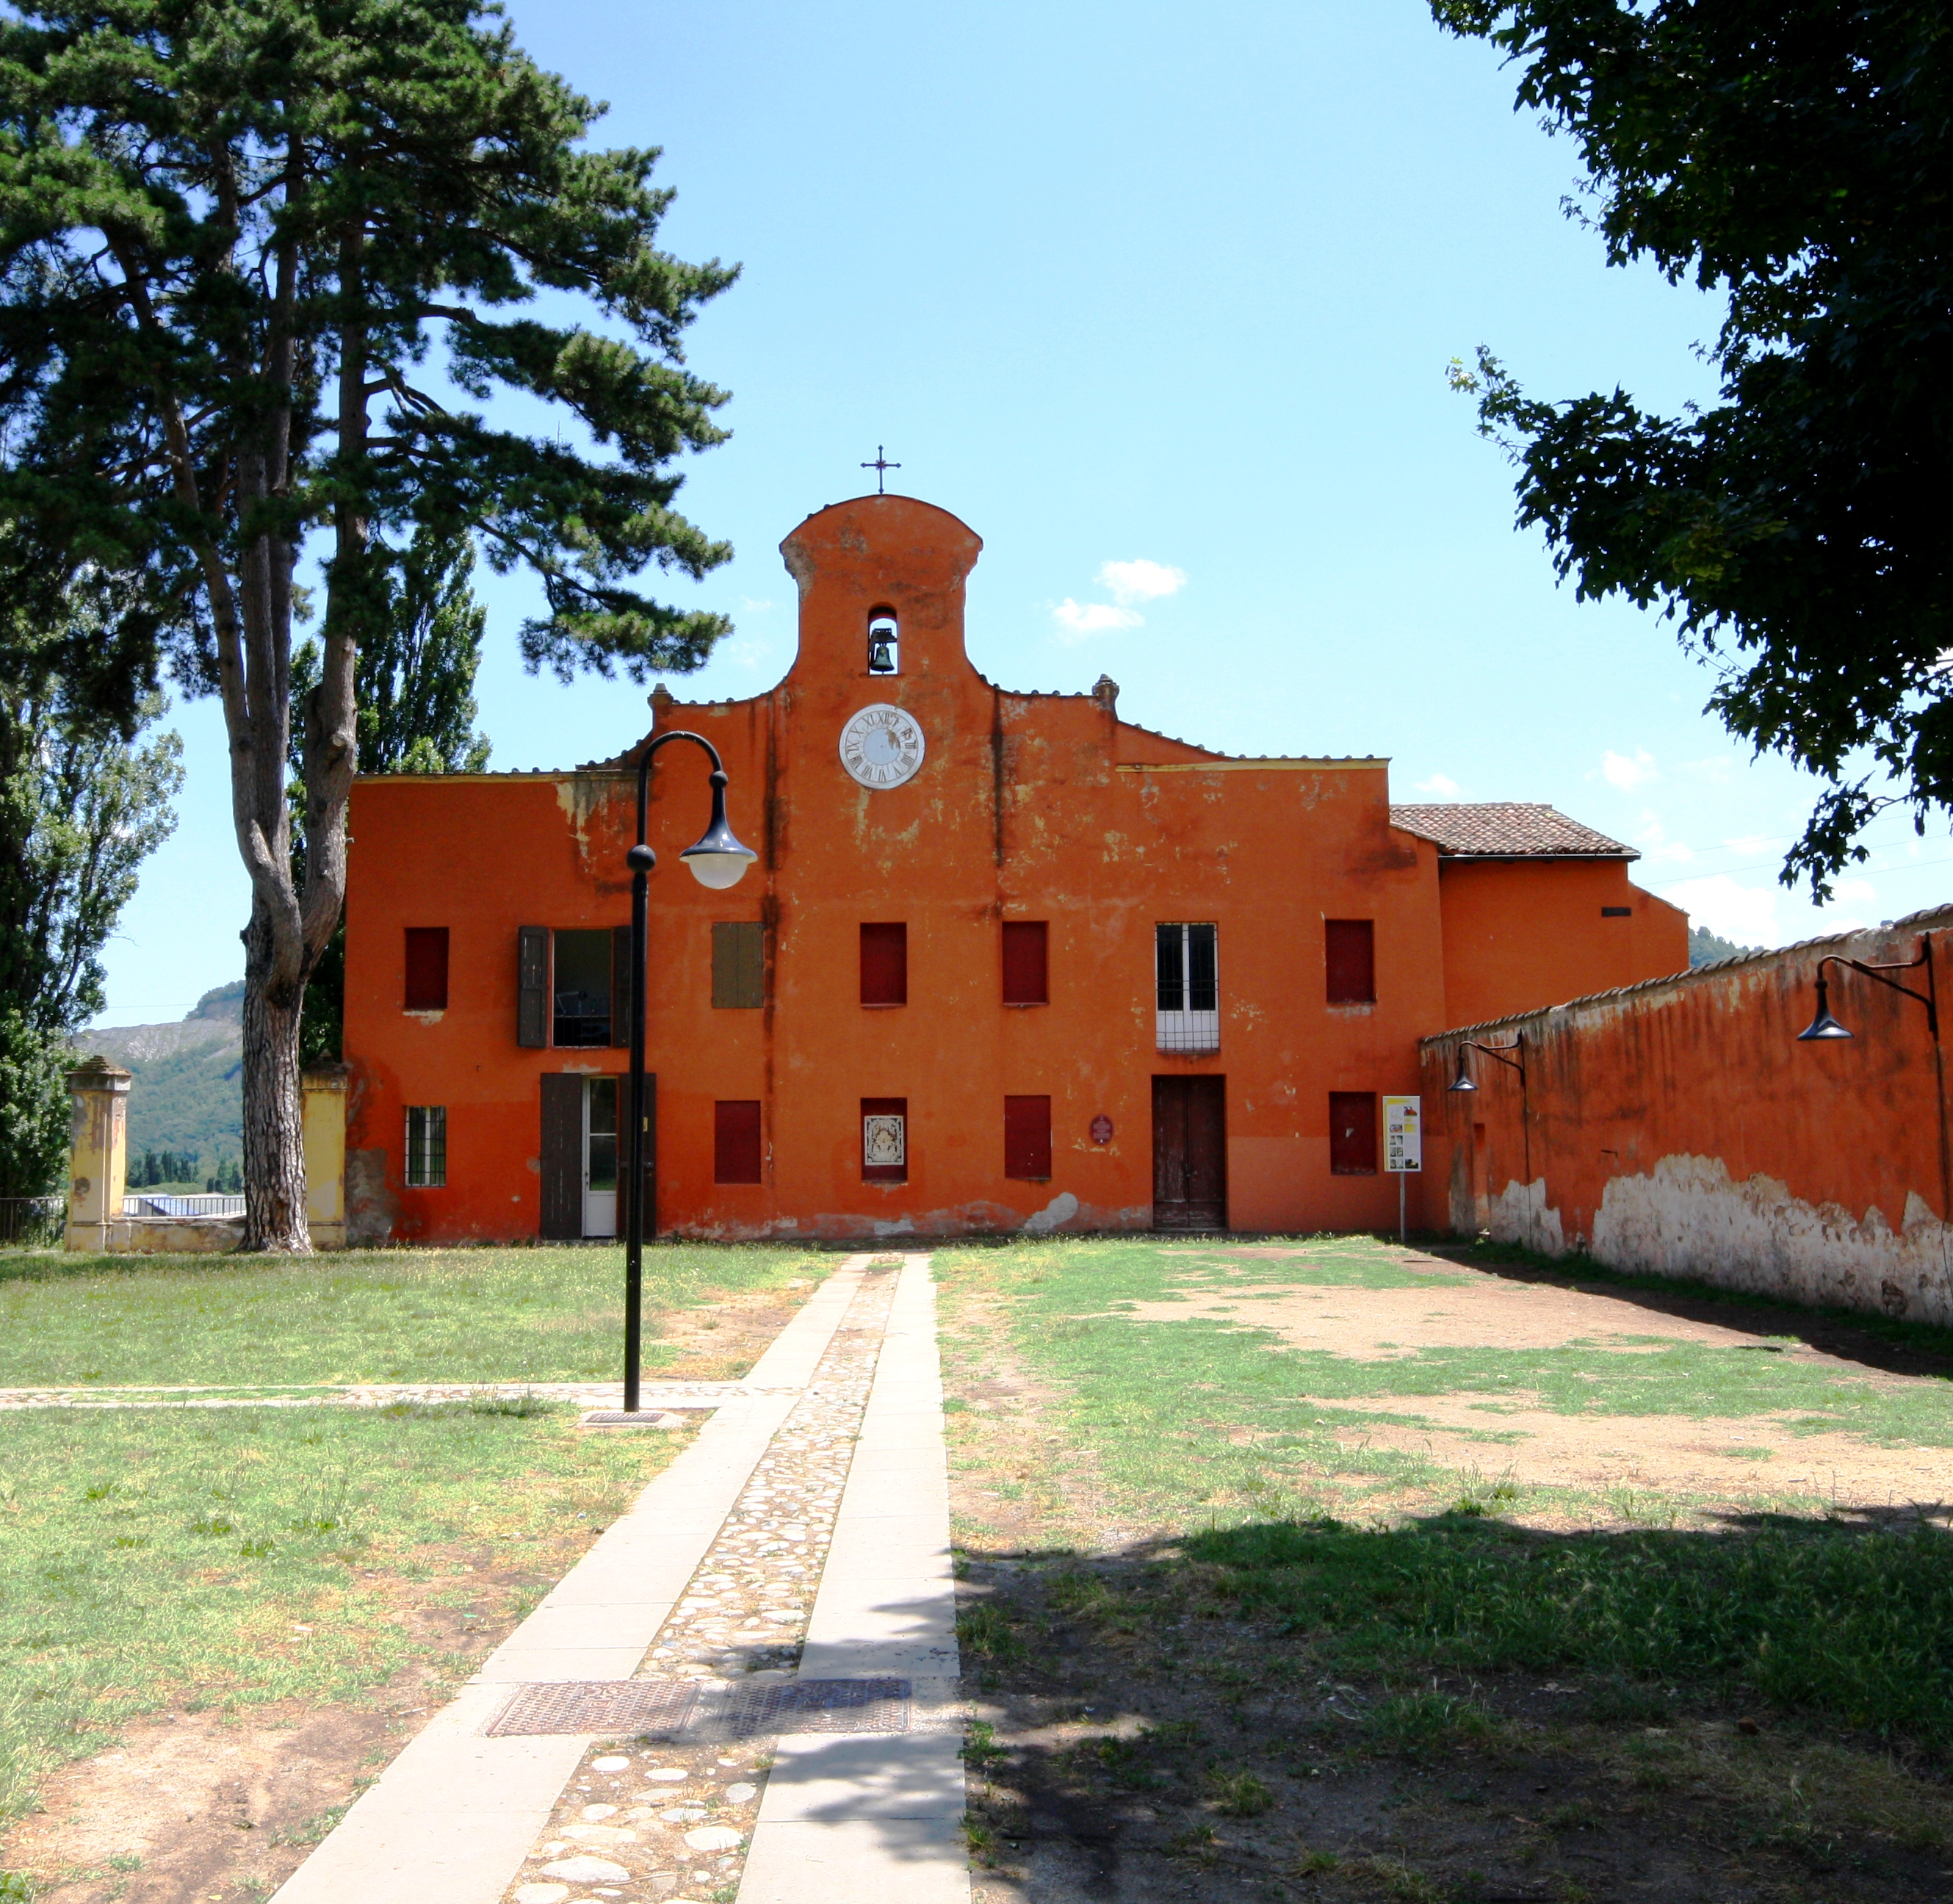 Colle Ameno village